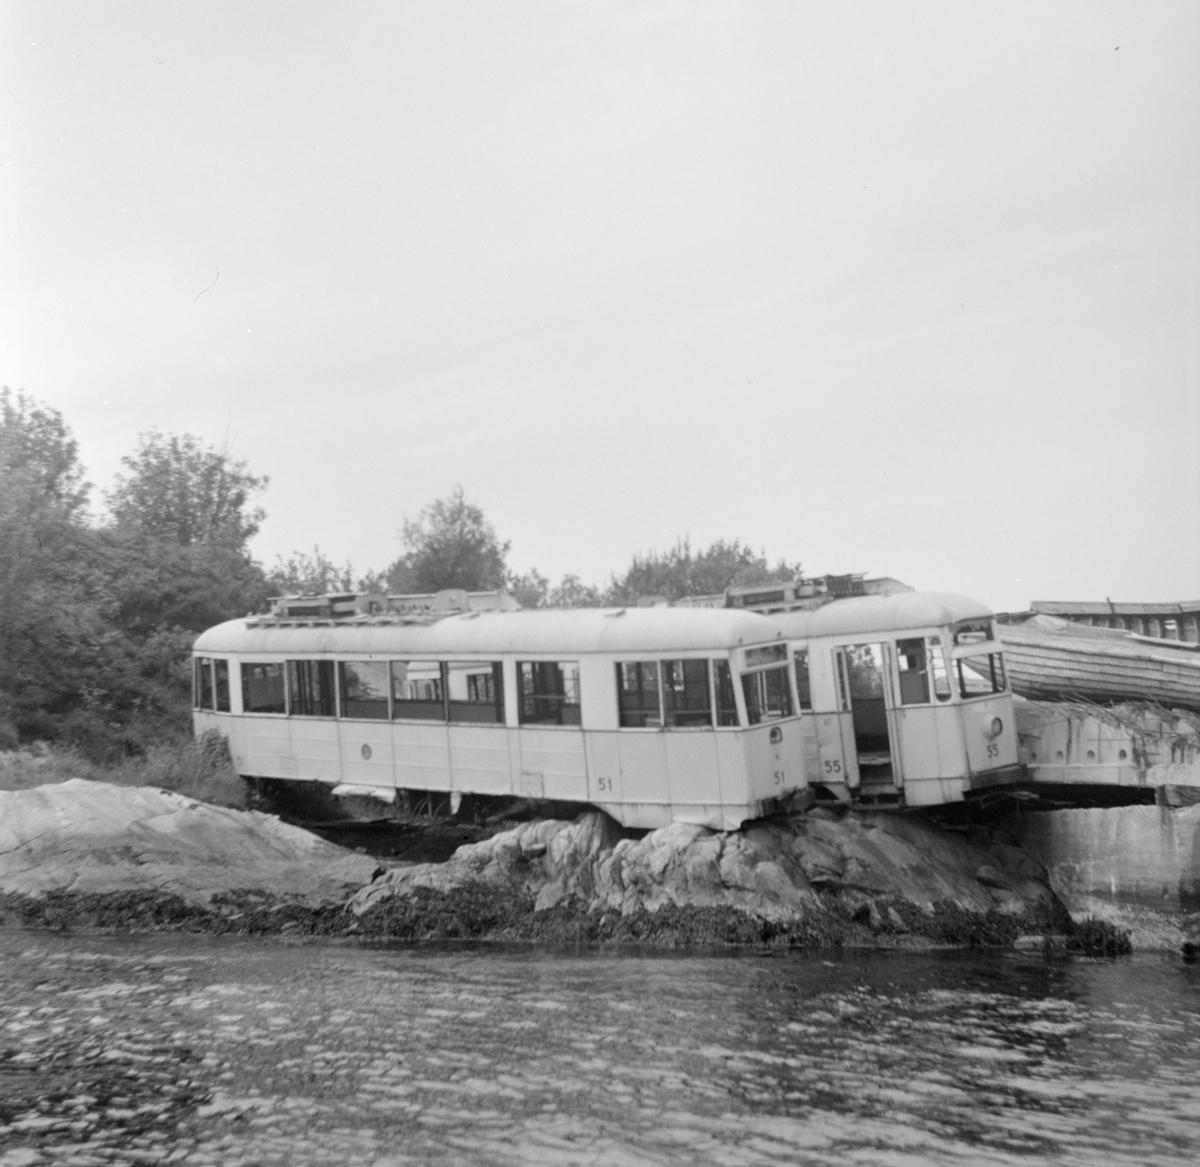 Utrangert trikk fra den nedlagte sporveien i Bergen. Flere av trikkene ble fraktet til Knektholmen ved Askøy og senere dumpet på sjøen.